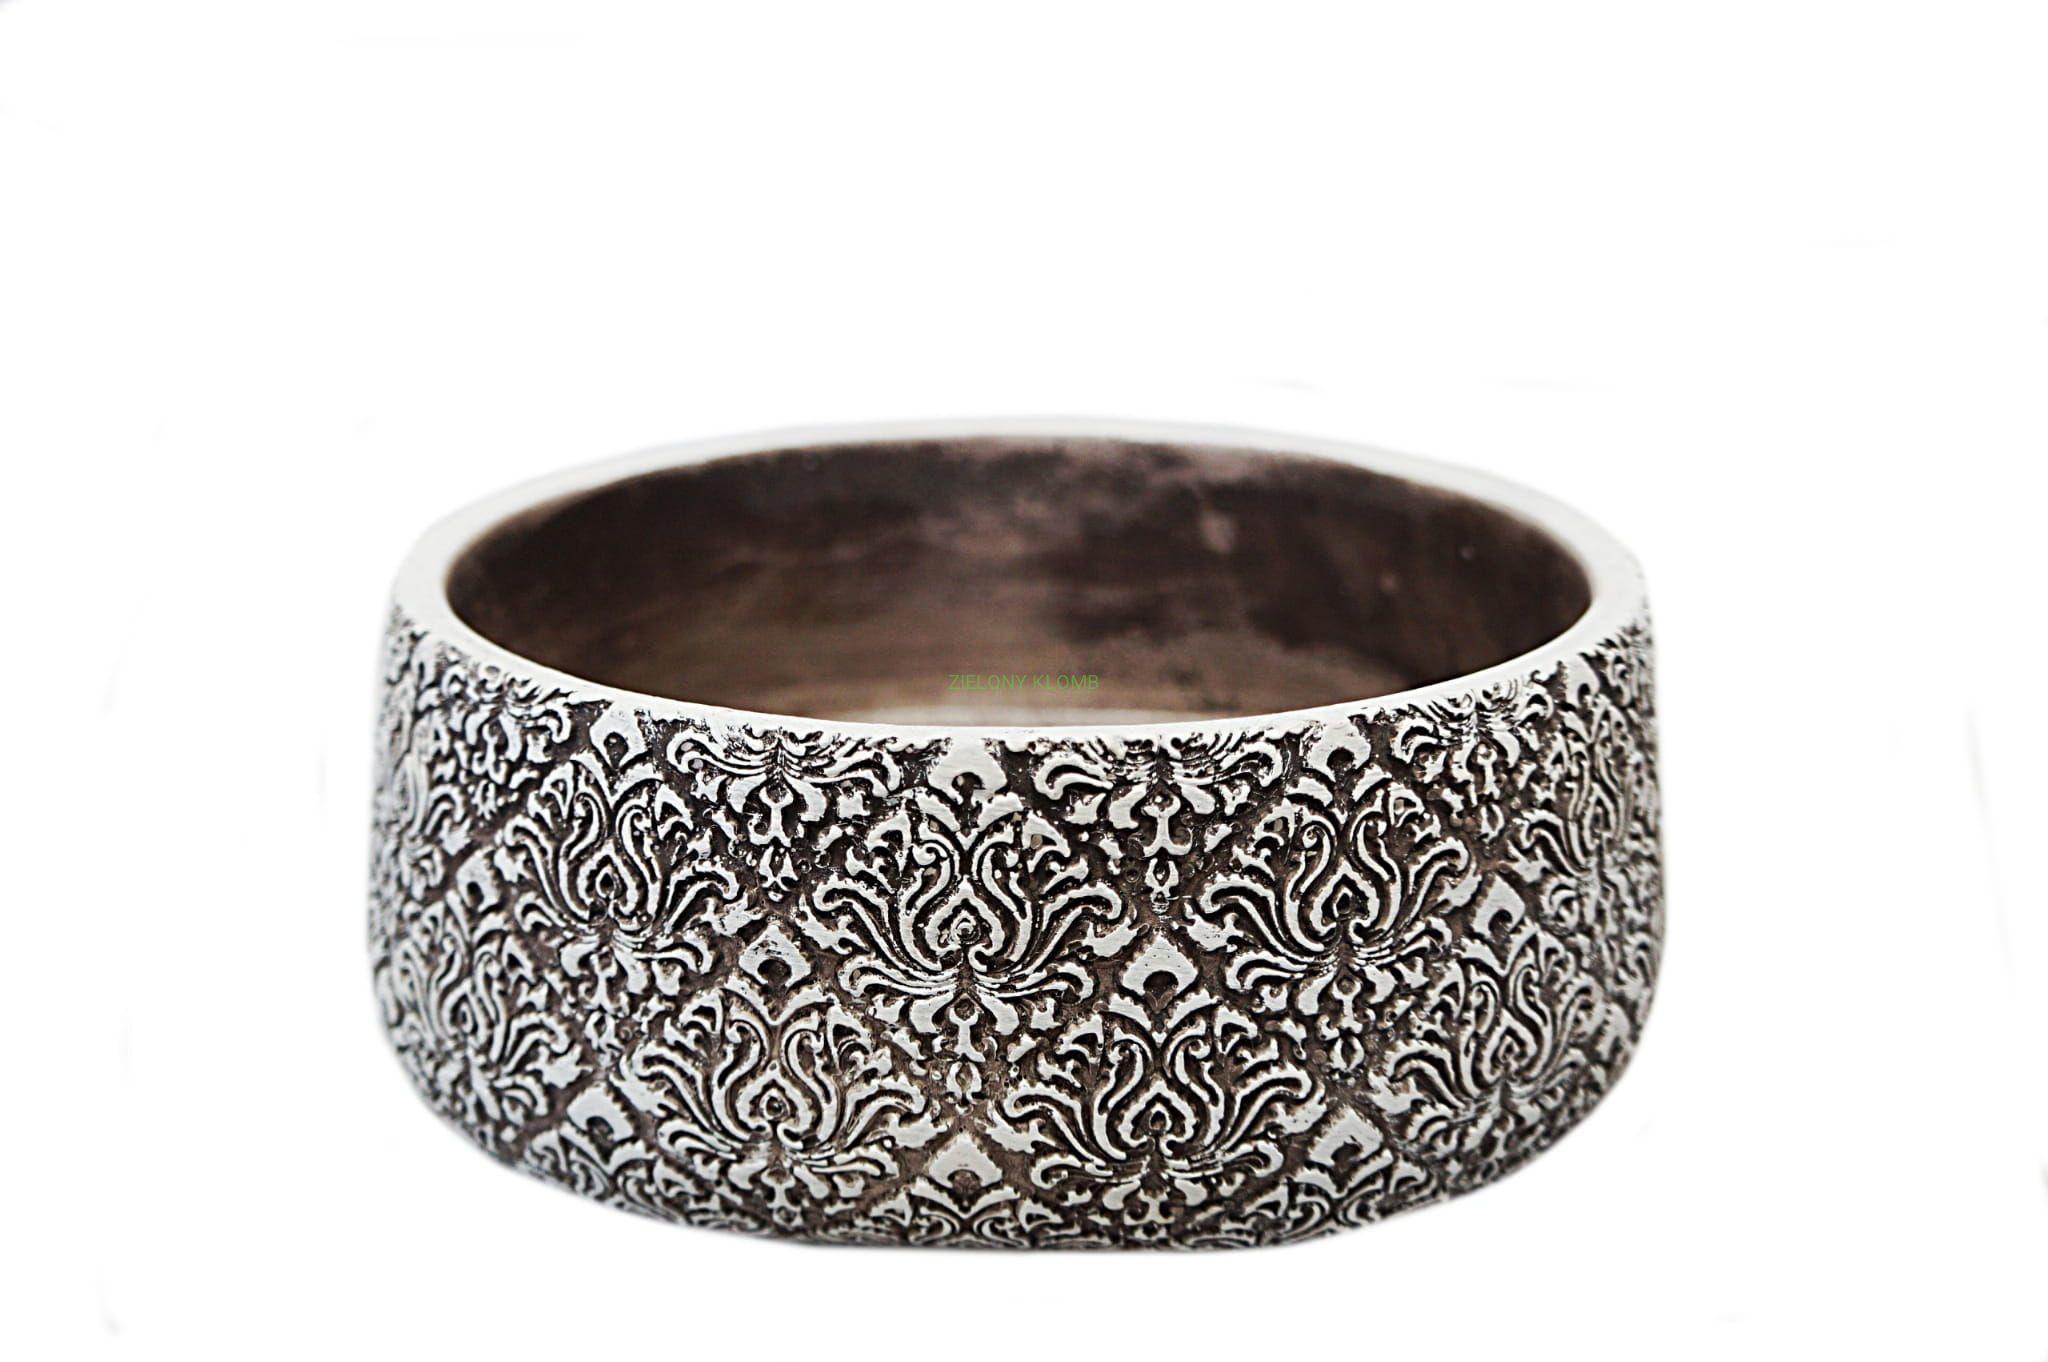 Doniczka Osłonka Glina Ceramiczna Bonsai Misa 24cm Polnix 4601424